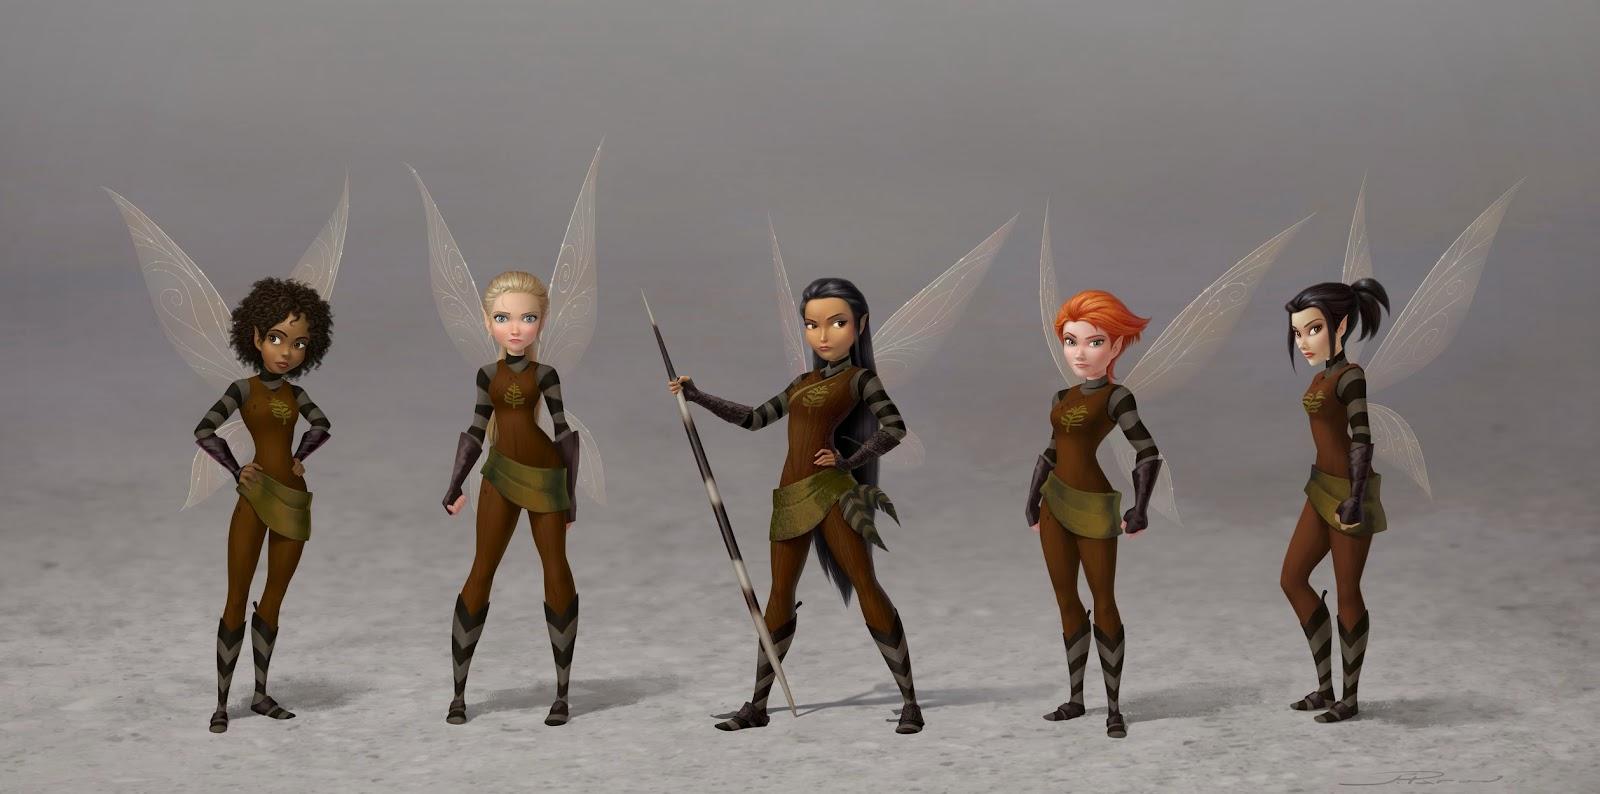 Les 5 fées éclaireuses posent en uniforme.